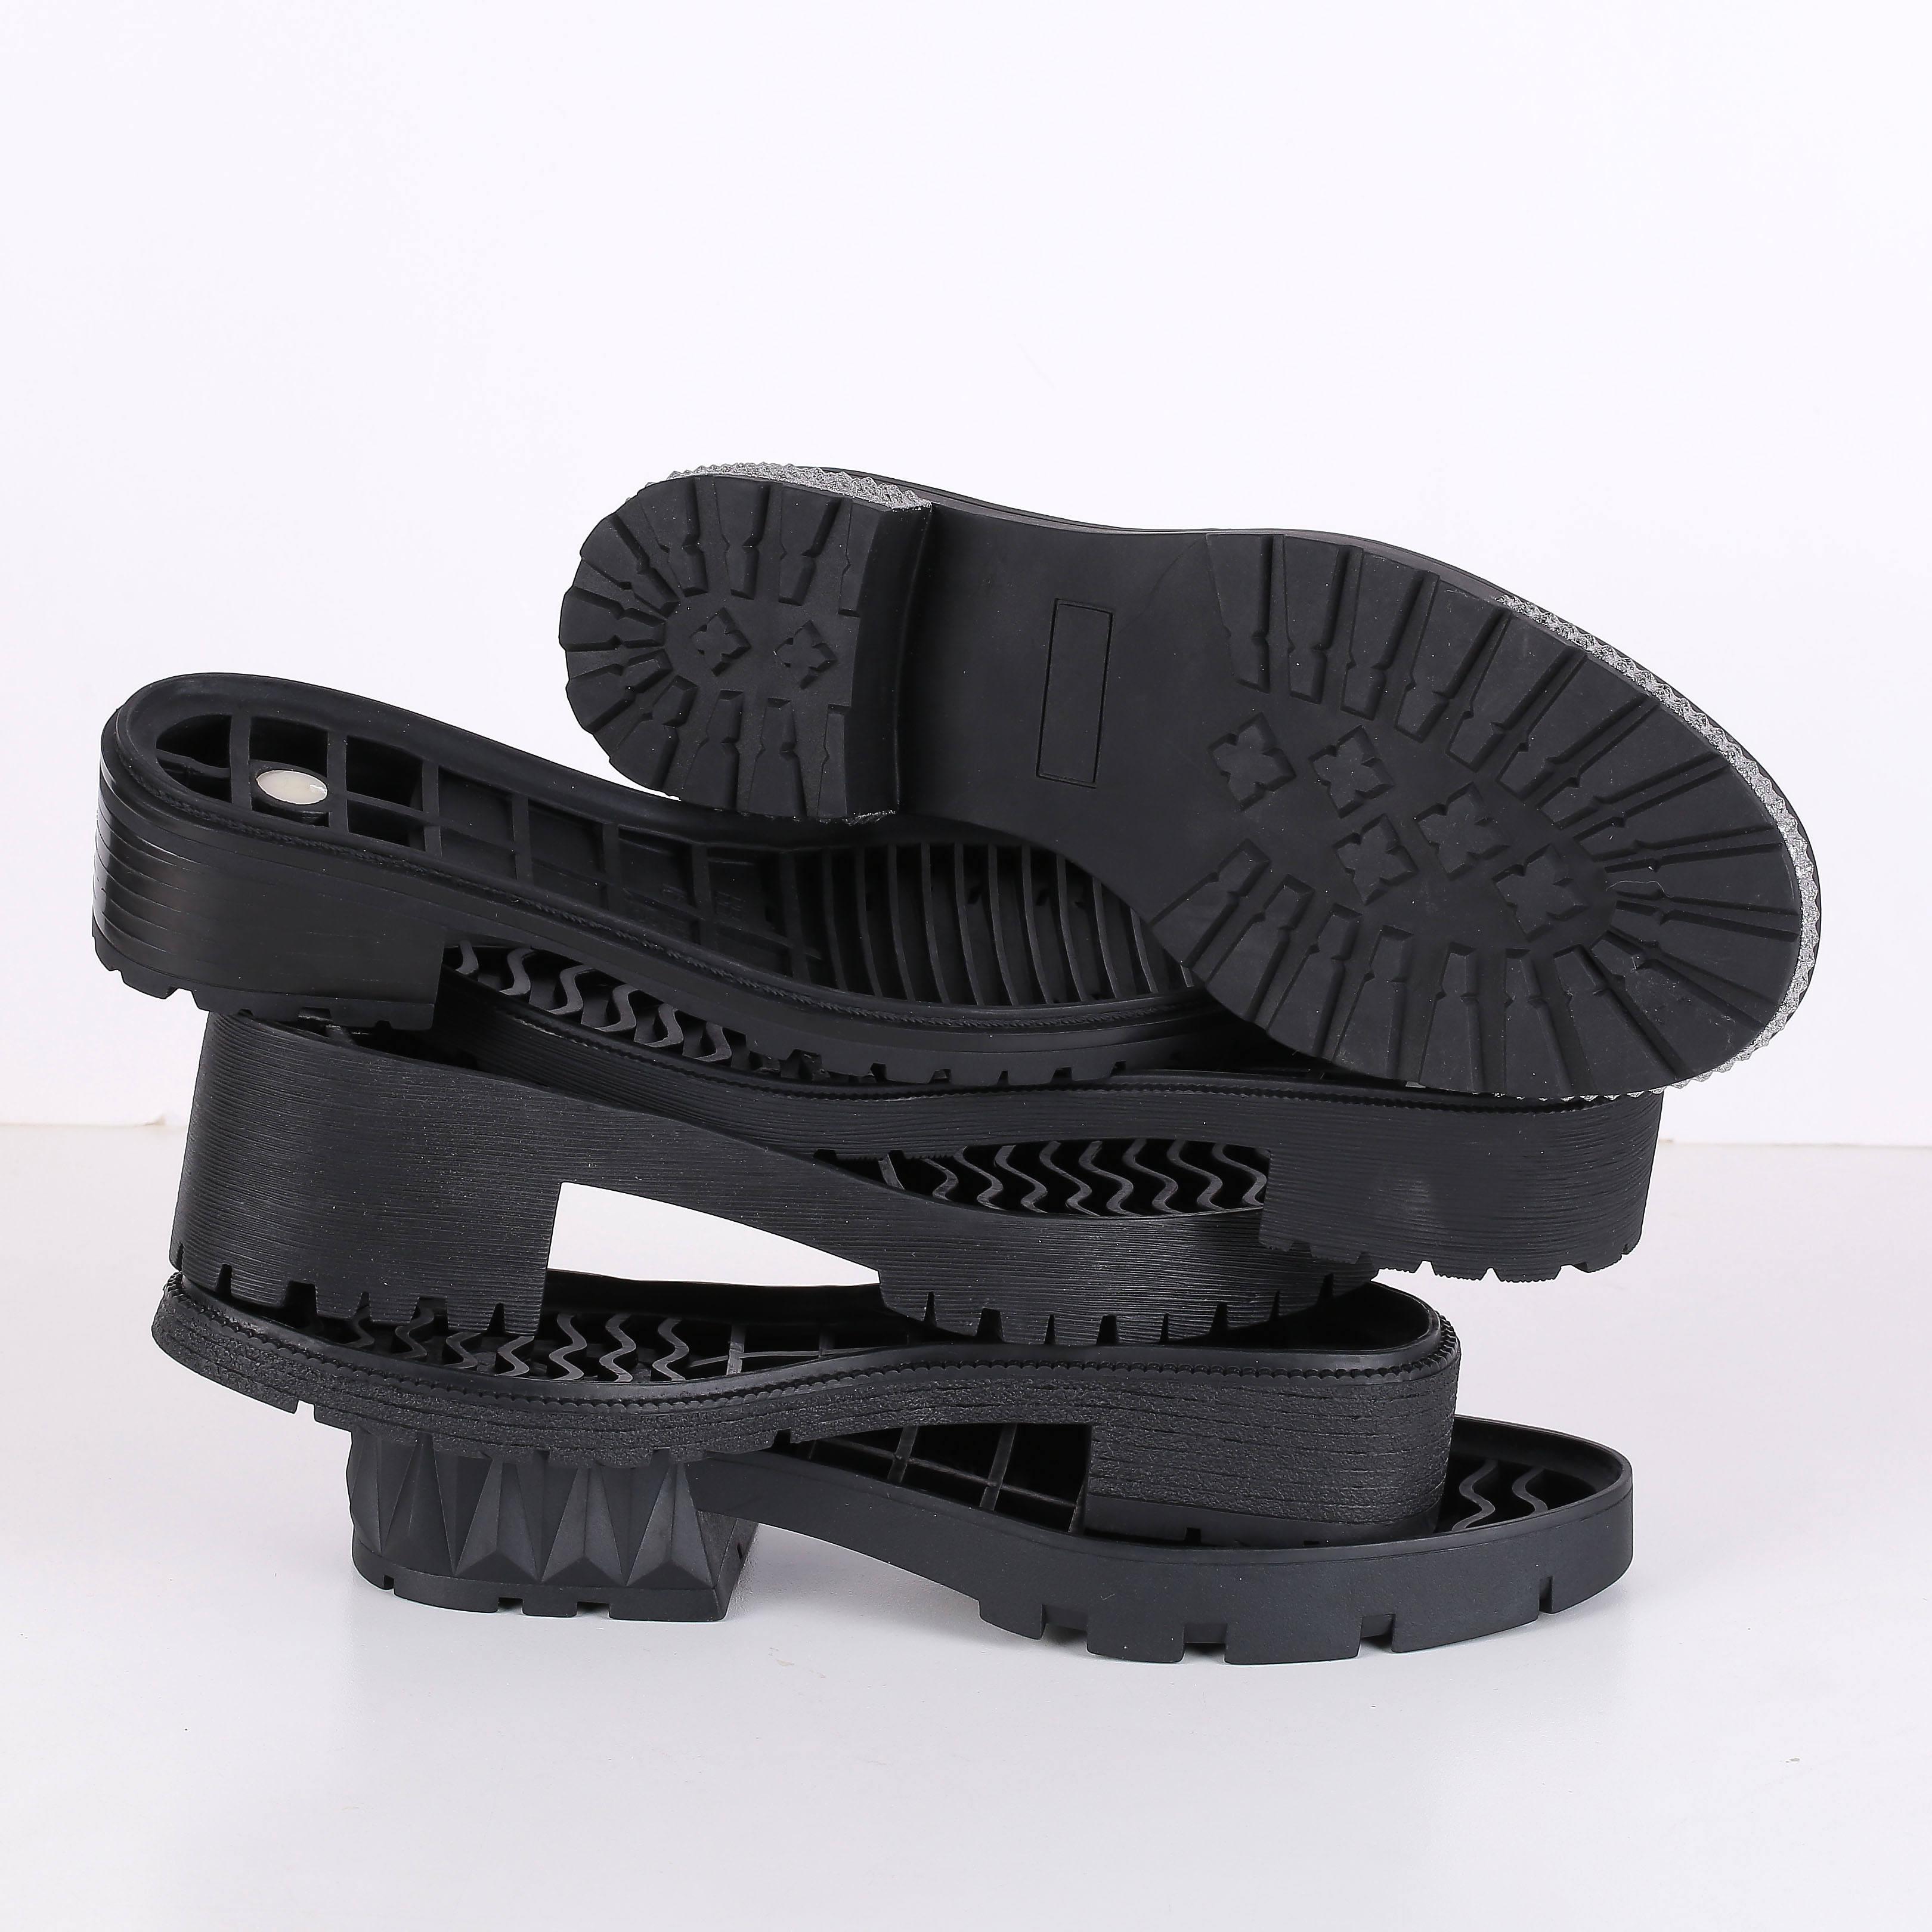 результате обувь с каучуковой подошвой картинки призналась, что надоели